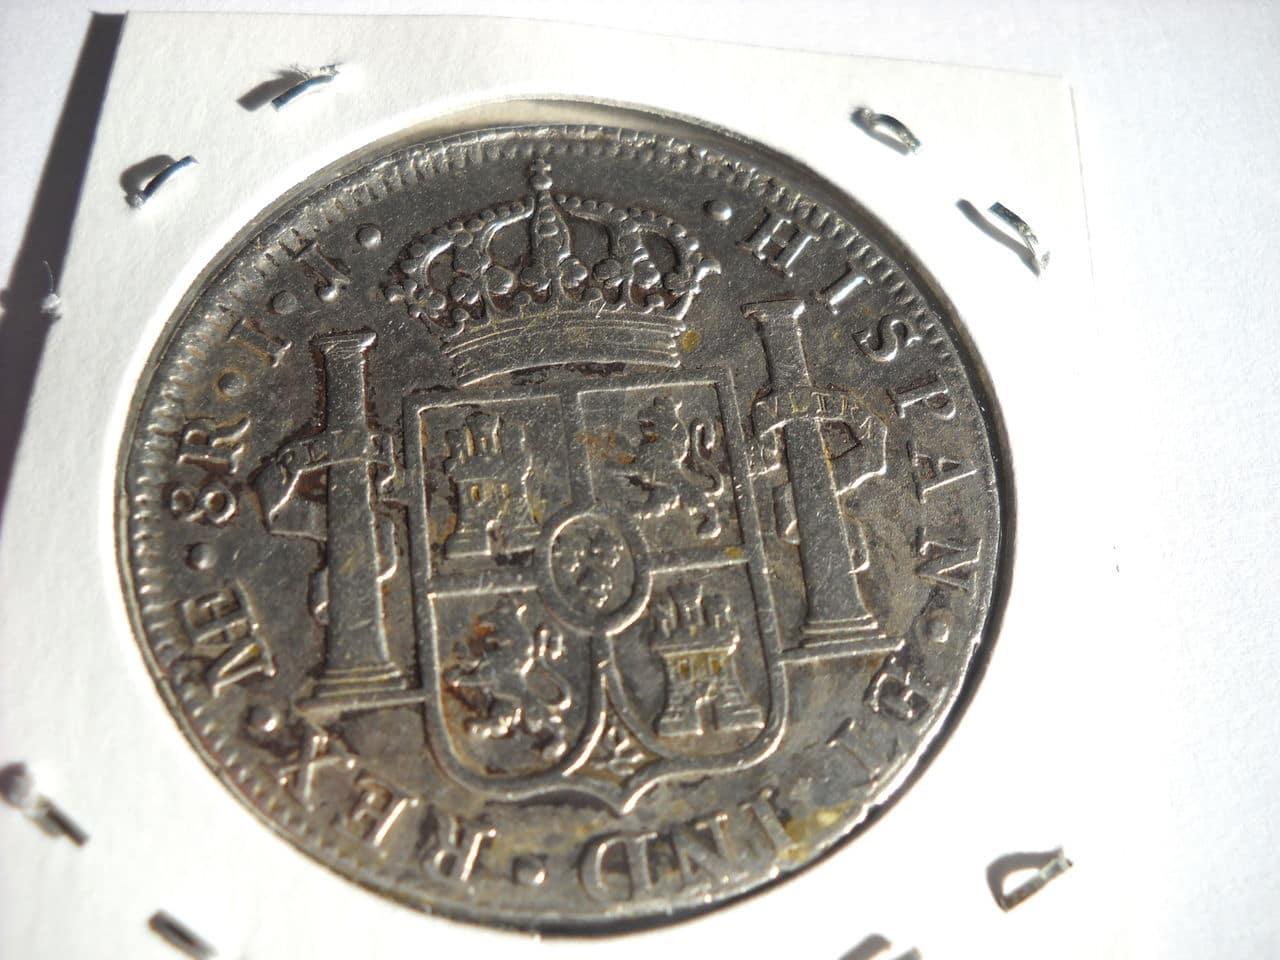 8 reales 1798 Carolus IIII - Lima DSCN0005